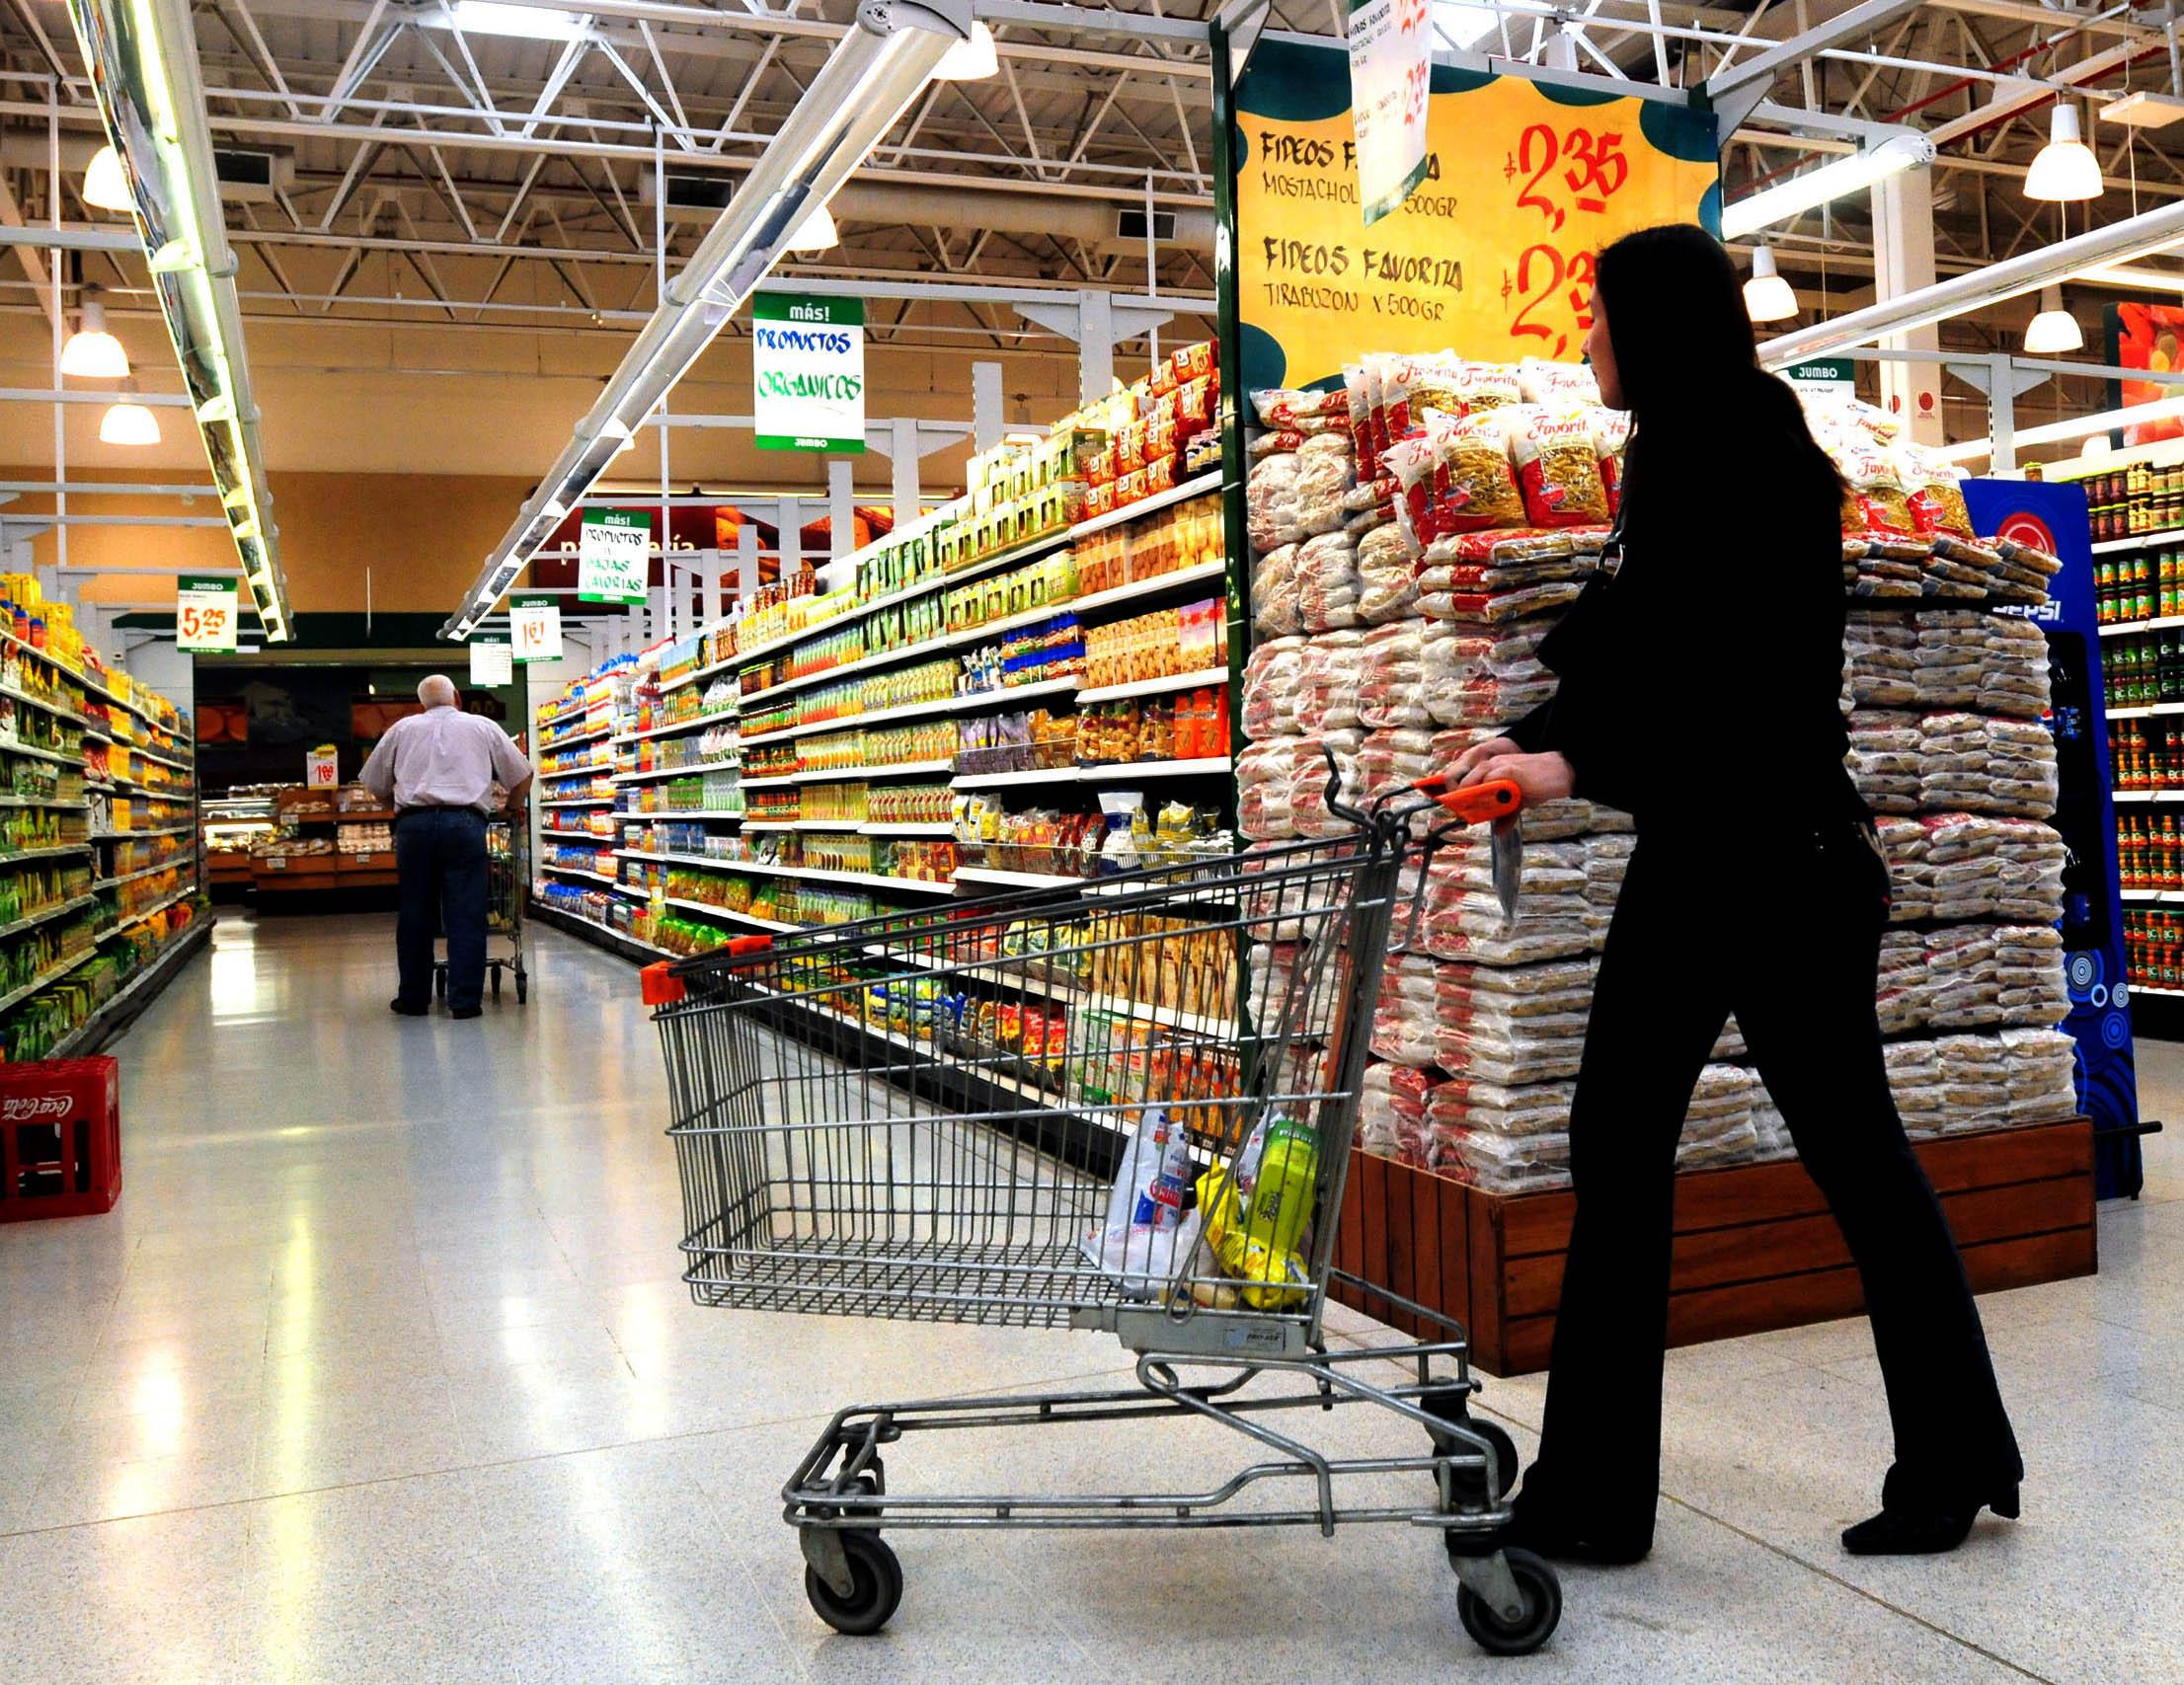 La mujer se dedicaba a quemar supermercados en Huelva para irse alegremente sin pagar